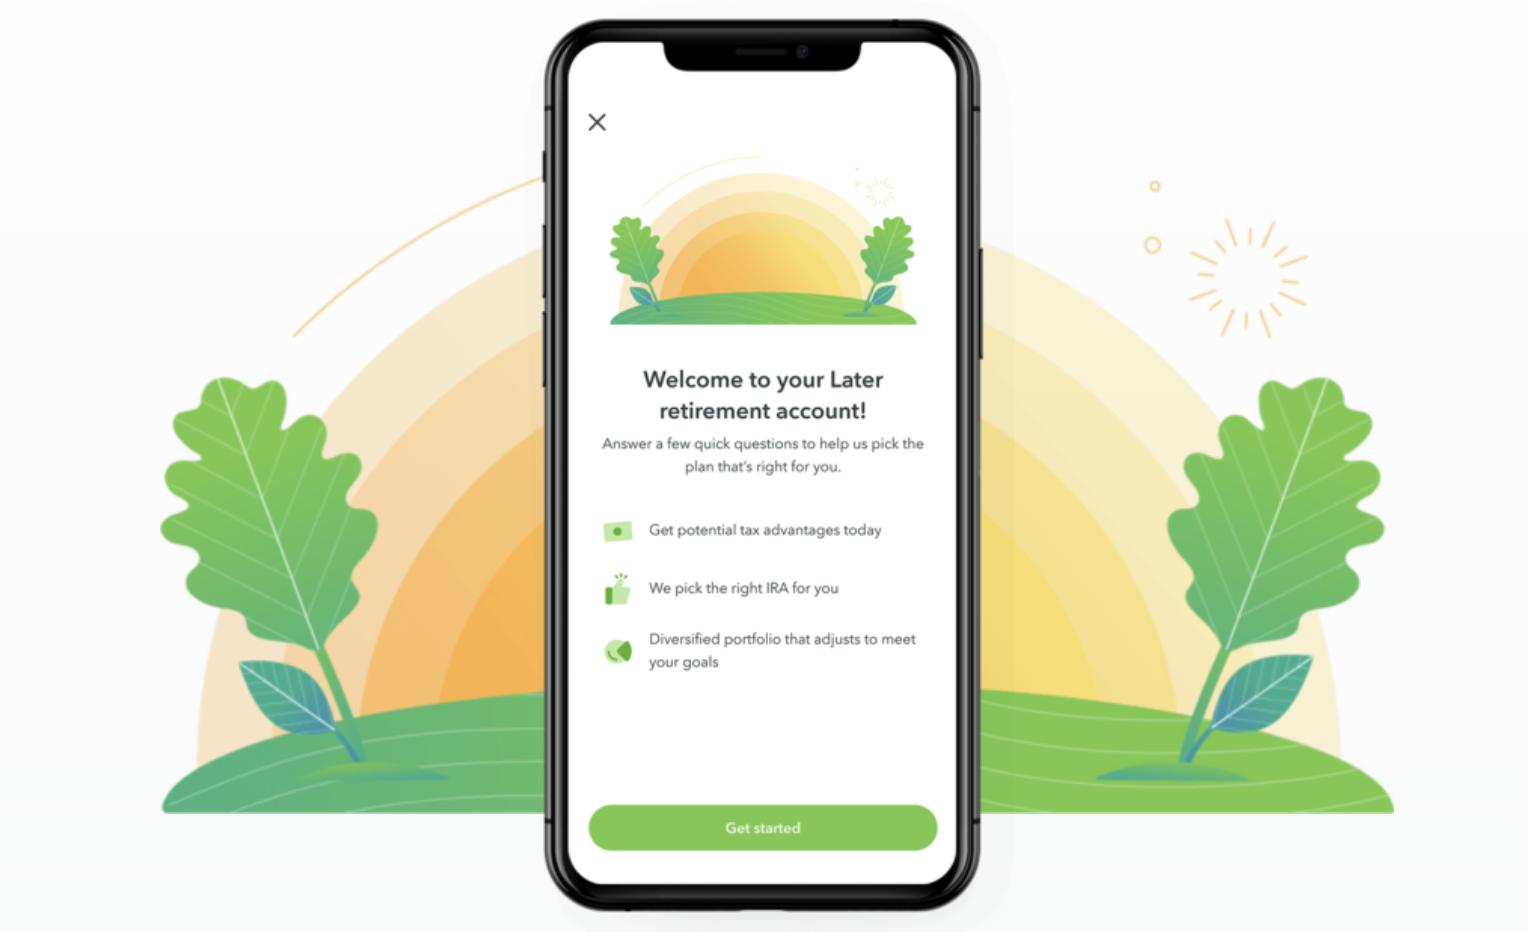 Screenshot of the Acorns app